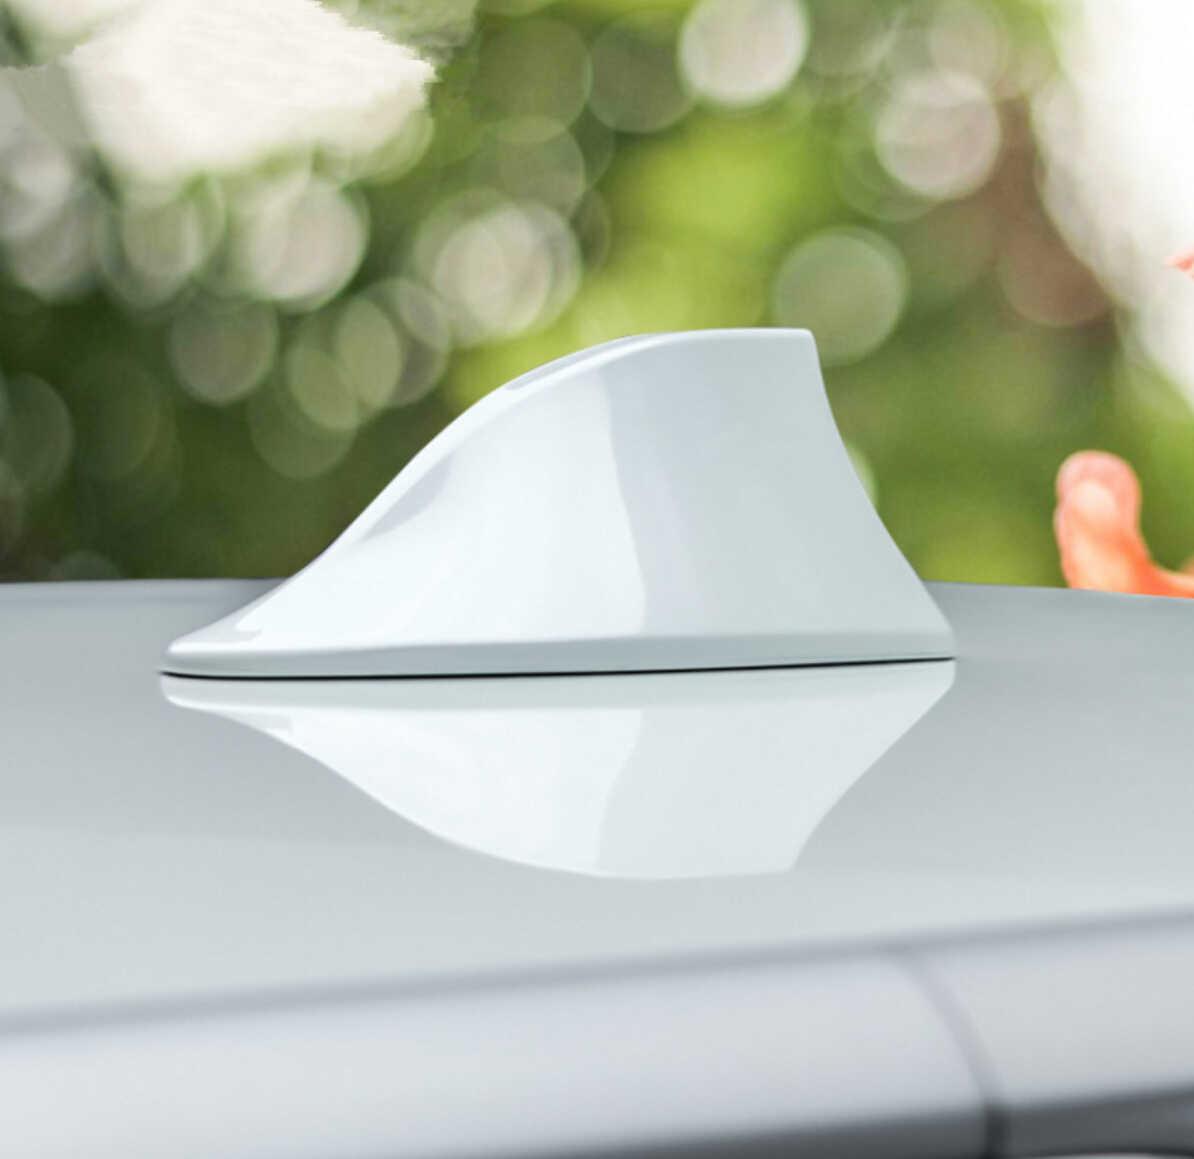 سيارة القرش زعنفة هوائي خاص سيارة راديو هوائيات زعانف القرش السيارات هوائي إشارة لنيسان جوك قاشقاي ملاحظة X- درب NV200 مورانو